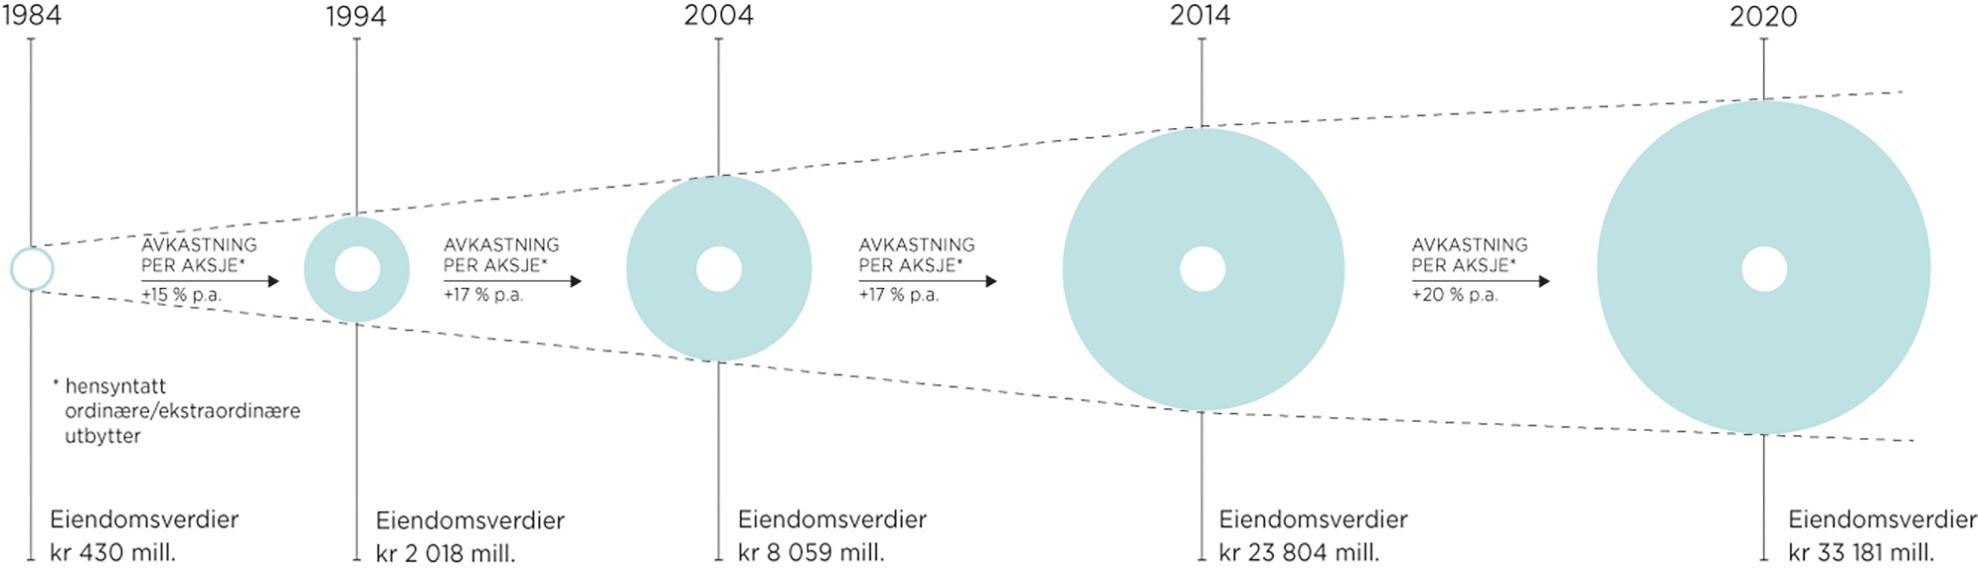 Eiendomsverdier 1984-2019